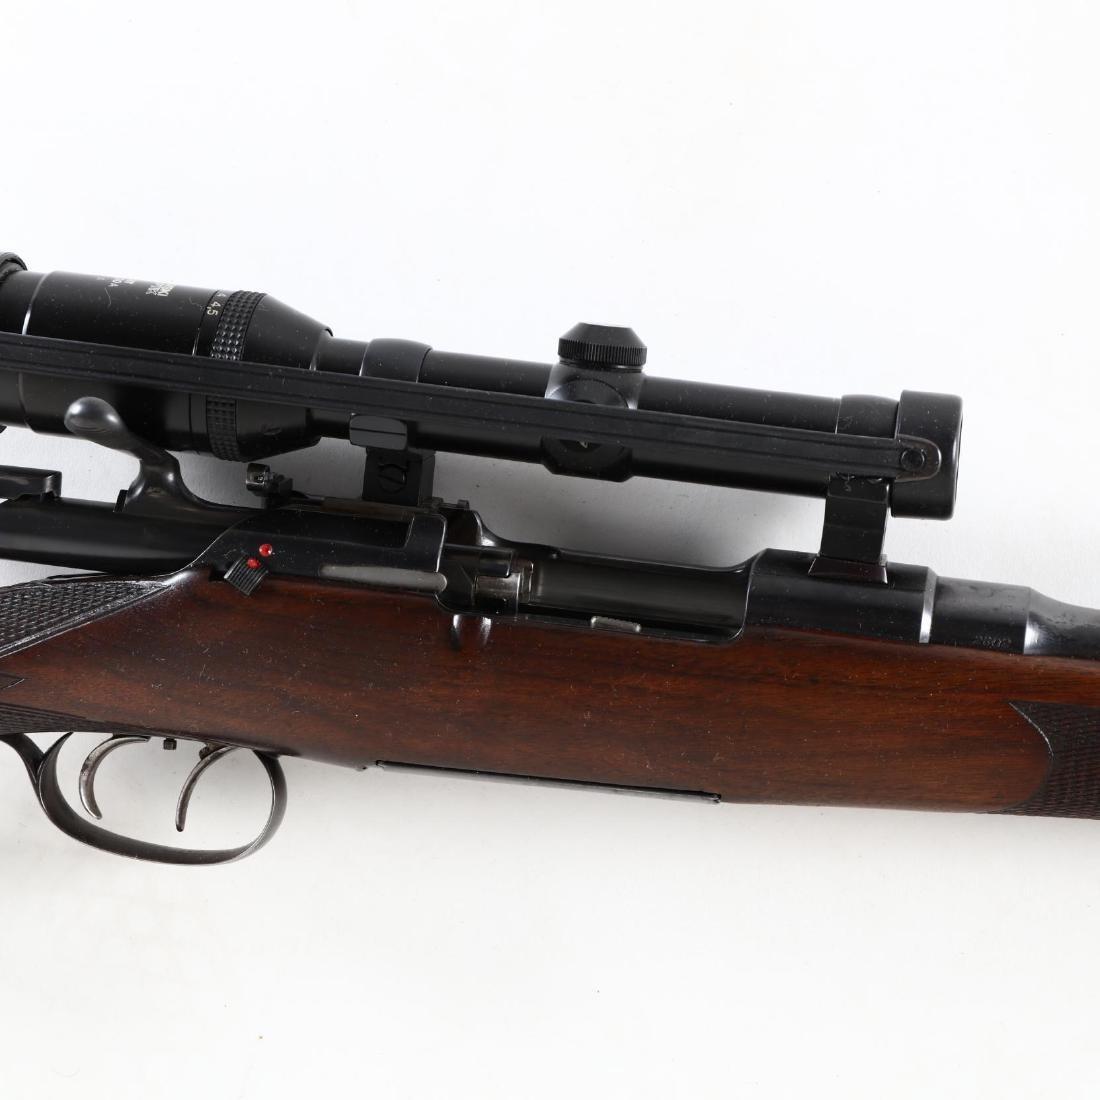 Steyr Mannlicher Schoenauer Sporting Rifle - 3